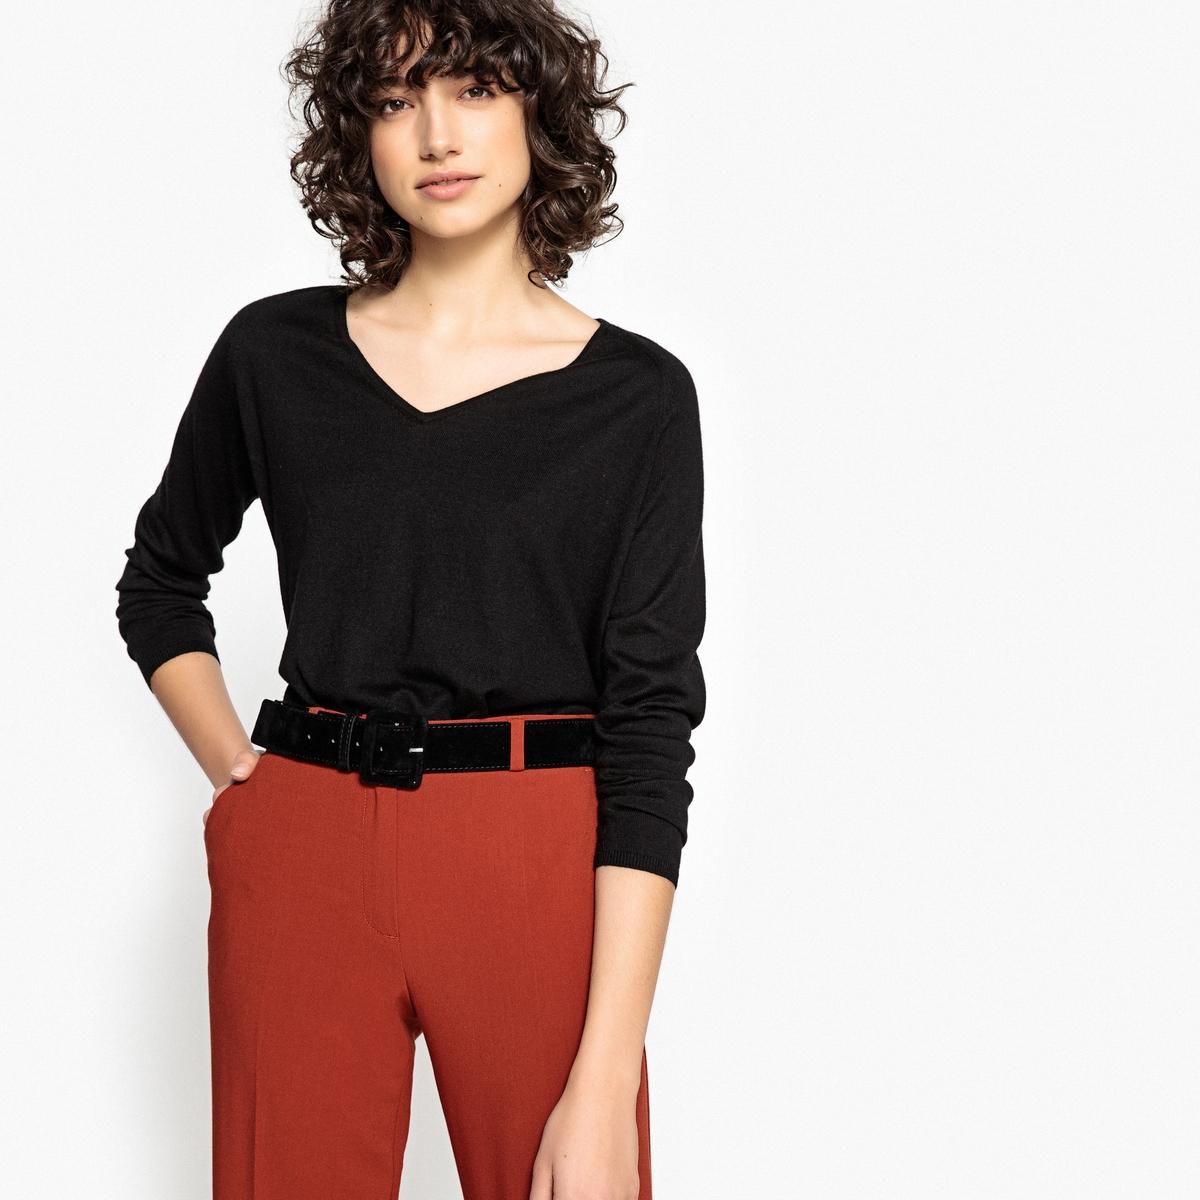 Пуловер из тонкого трикотажа с V-образным вырезомОписание:Детали •  Длинные рукава •   V-образный вырез •  Тонкий трикотажСостав и уход •  60% вискозы, 40% хлопка •  Следуйте рекомендациям по уходу, указанным на этикетке изделия •  Длина  : 55<br><br>Цвет: зеленый,розовый фуксия,серый,темно-бежевый,черный